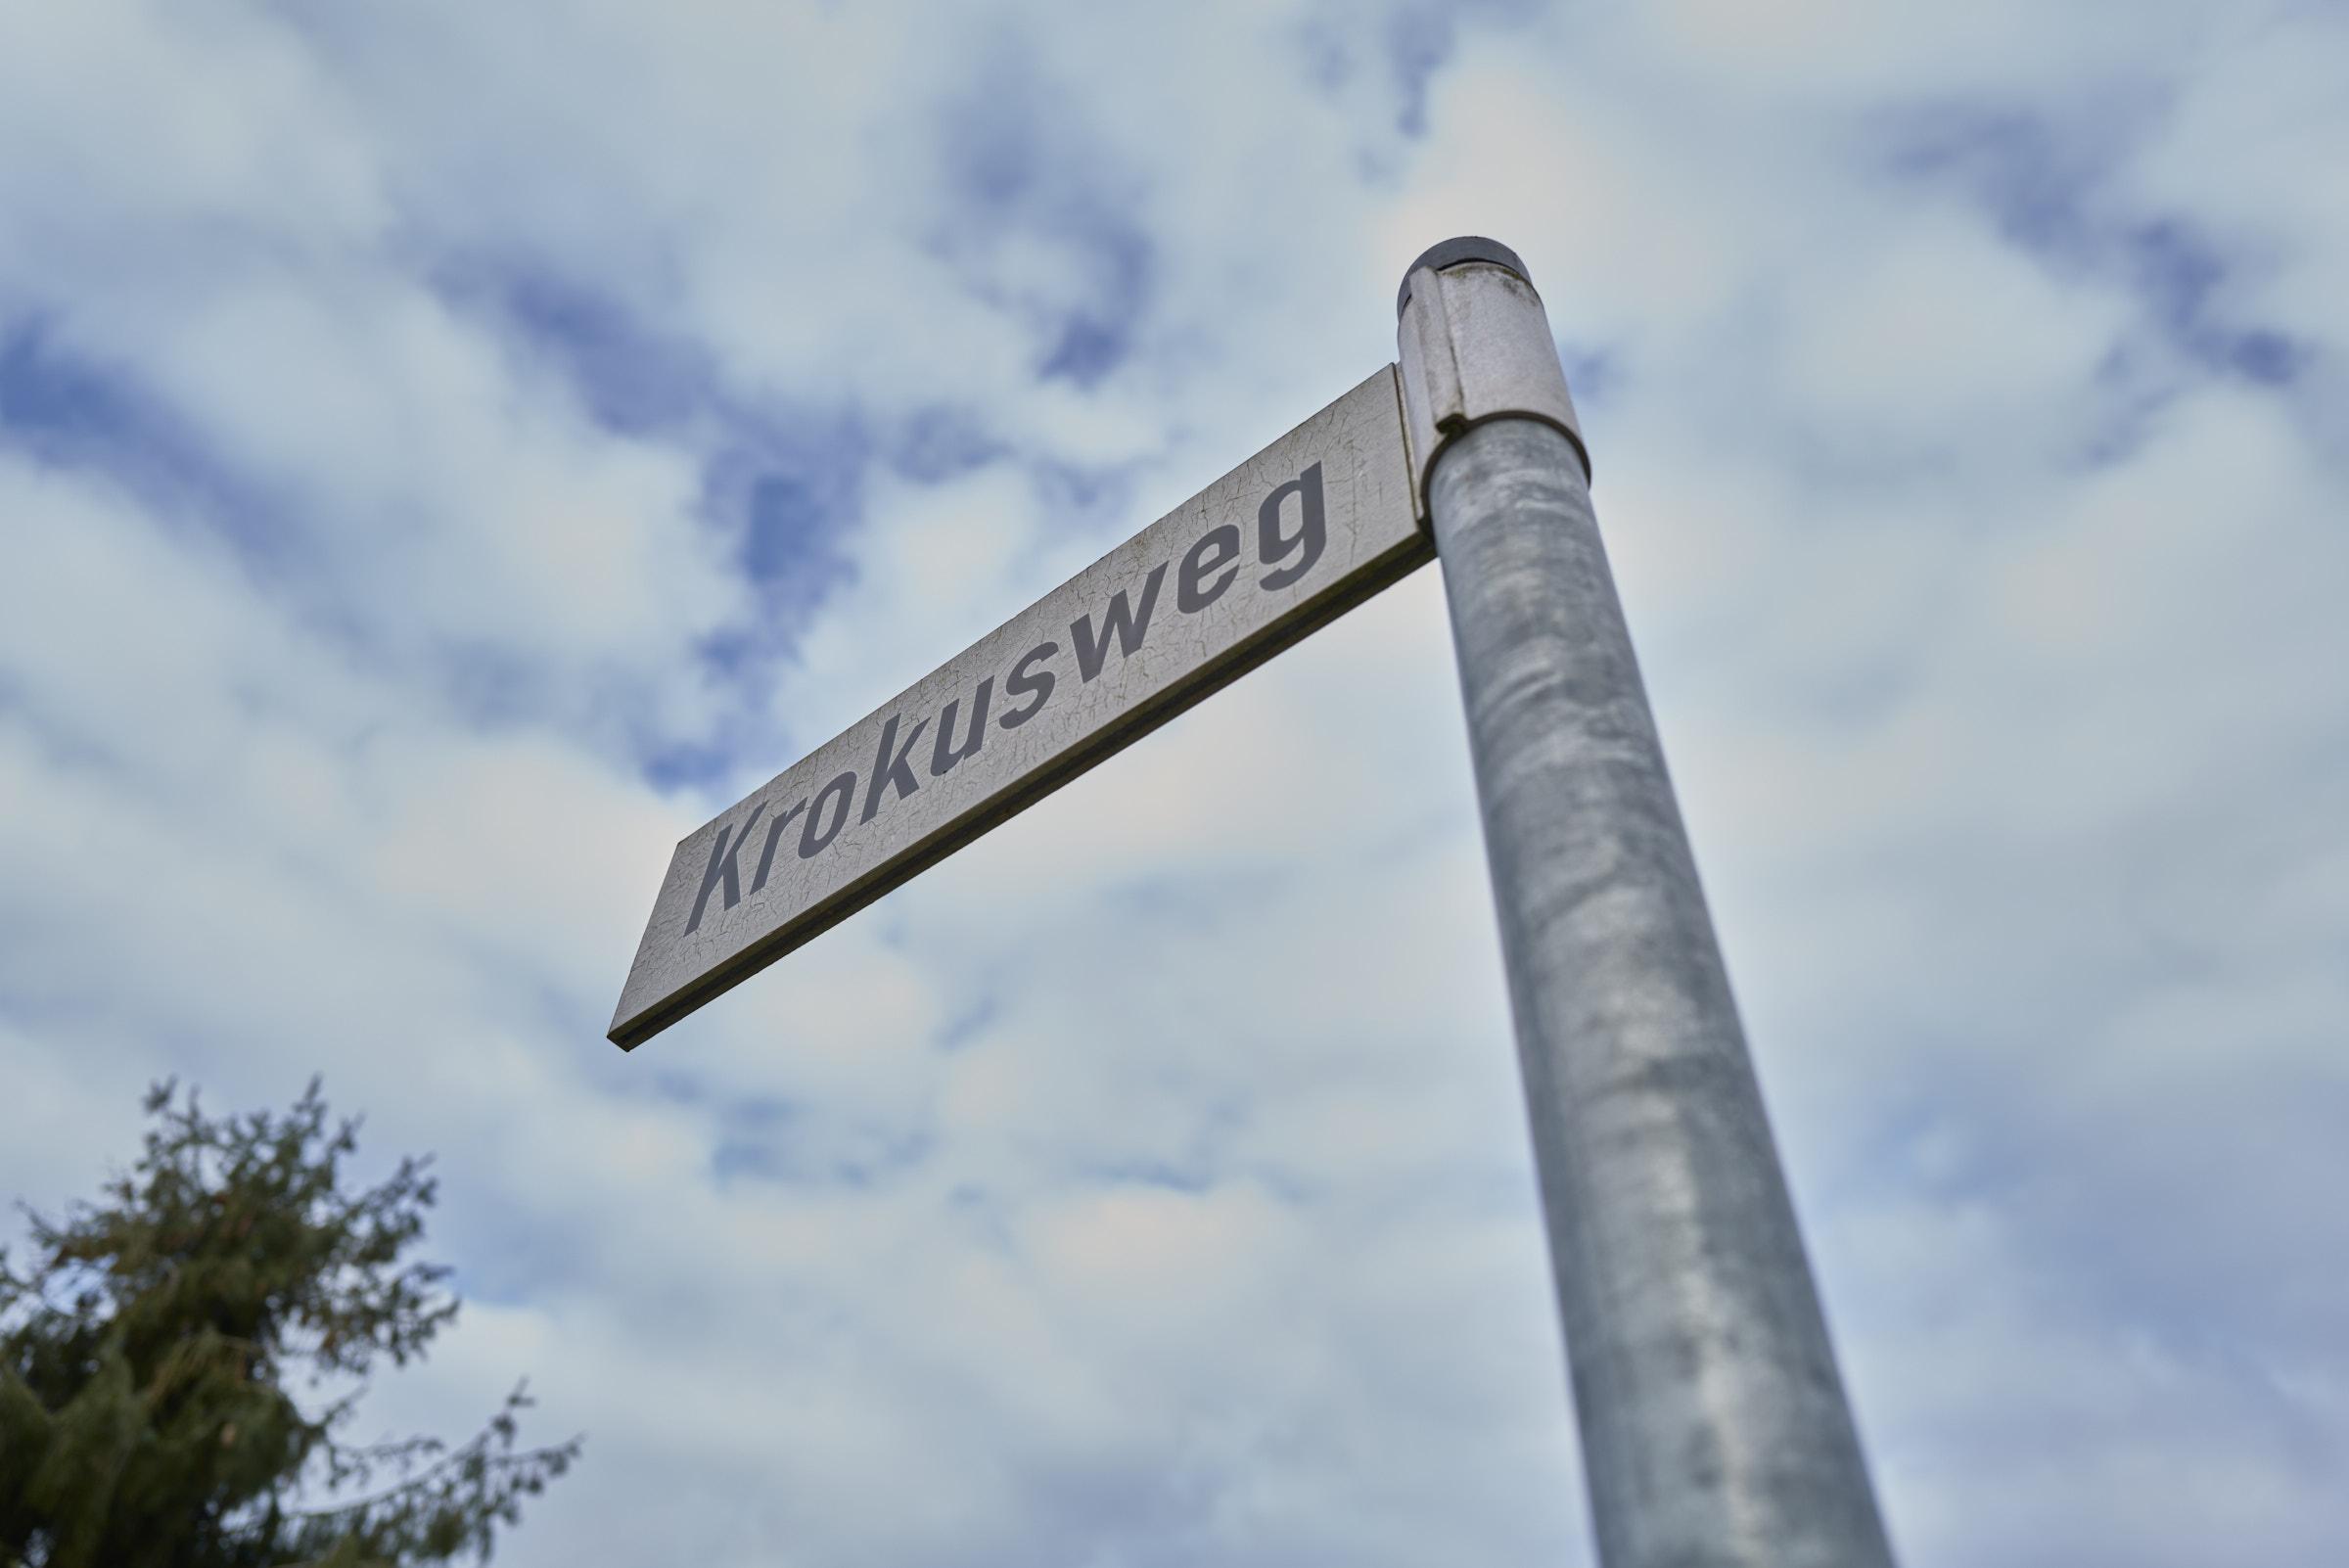 Krokusweg_2